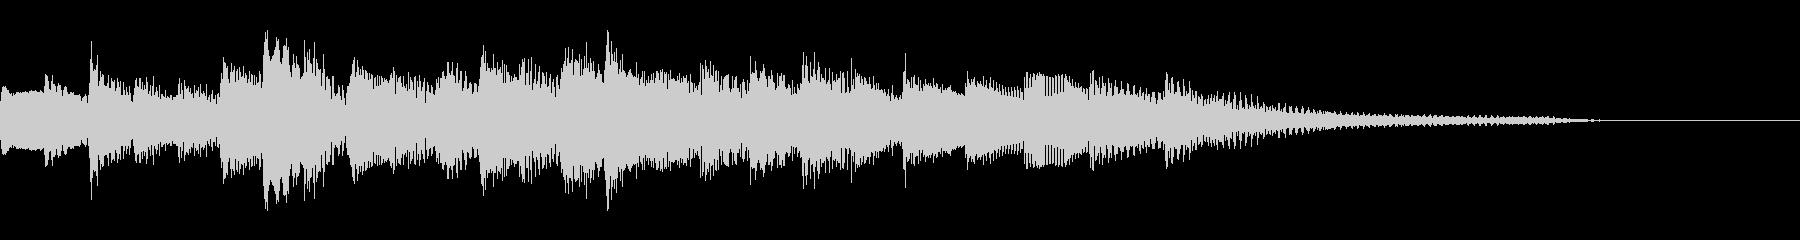 シンプルで、明るいピアノのジングルの未再生の波形